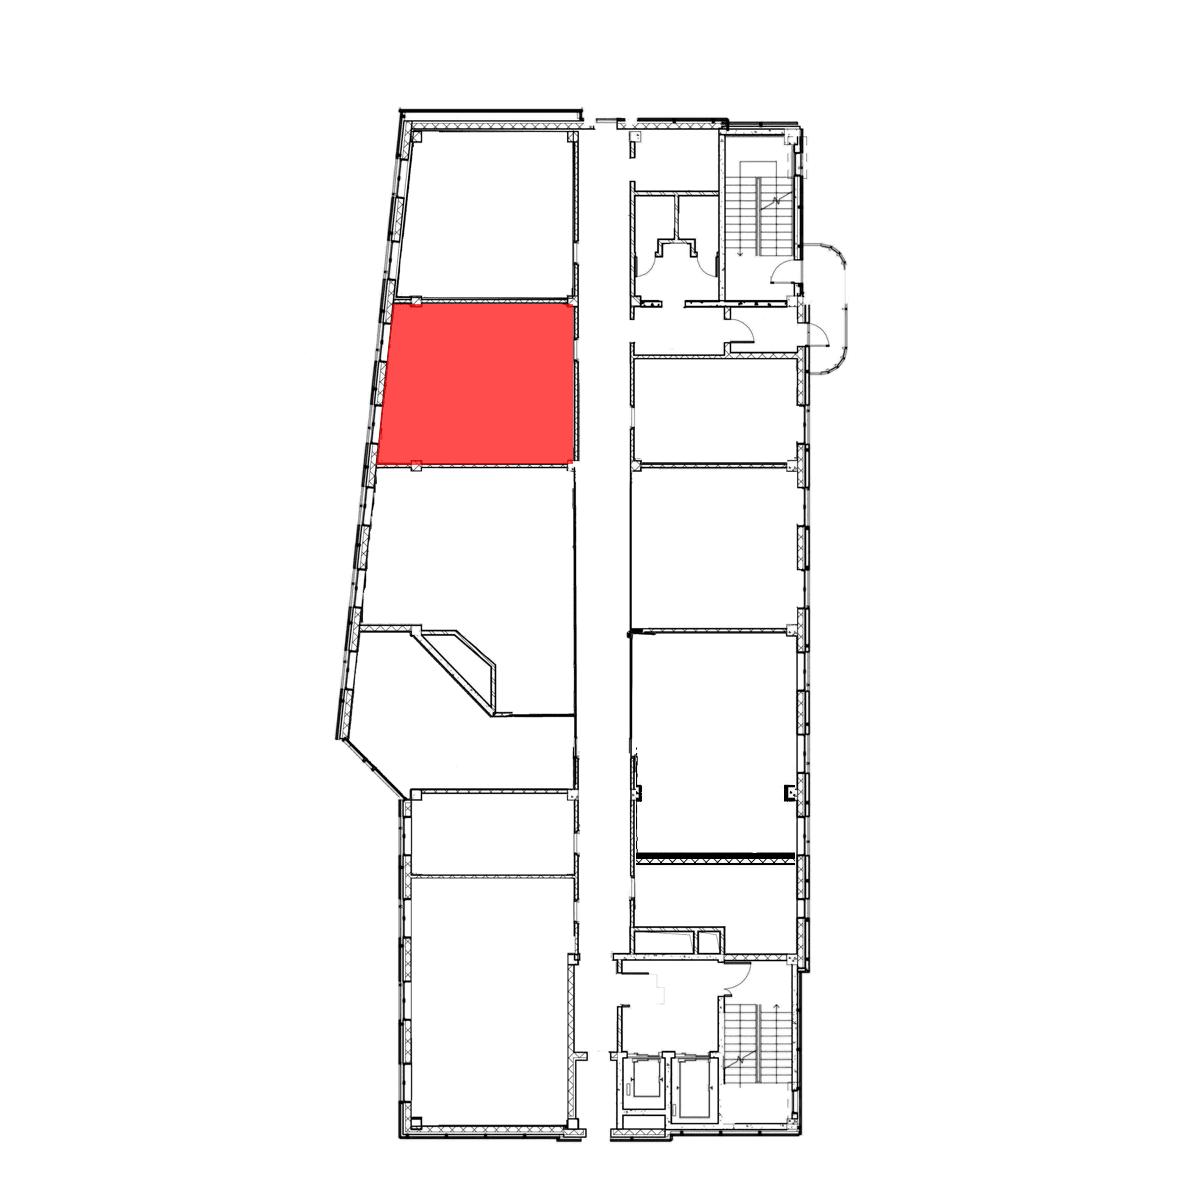 аренда помещения 6 этаж 44,6 м2